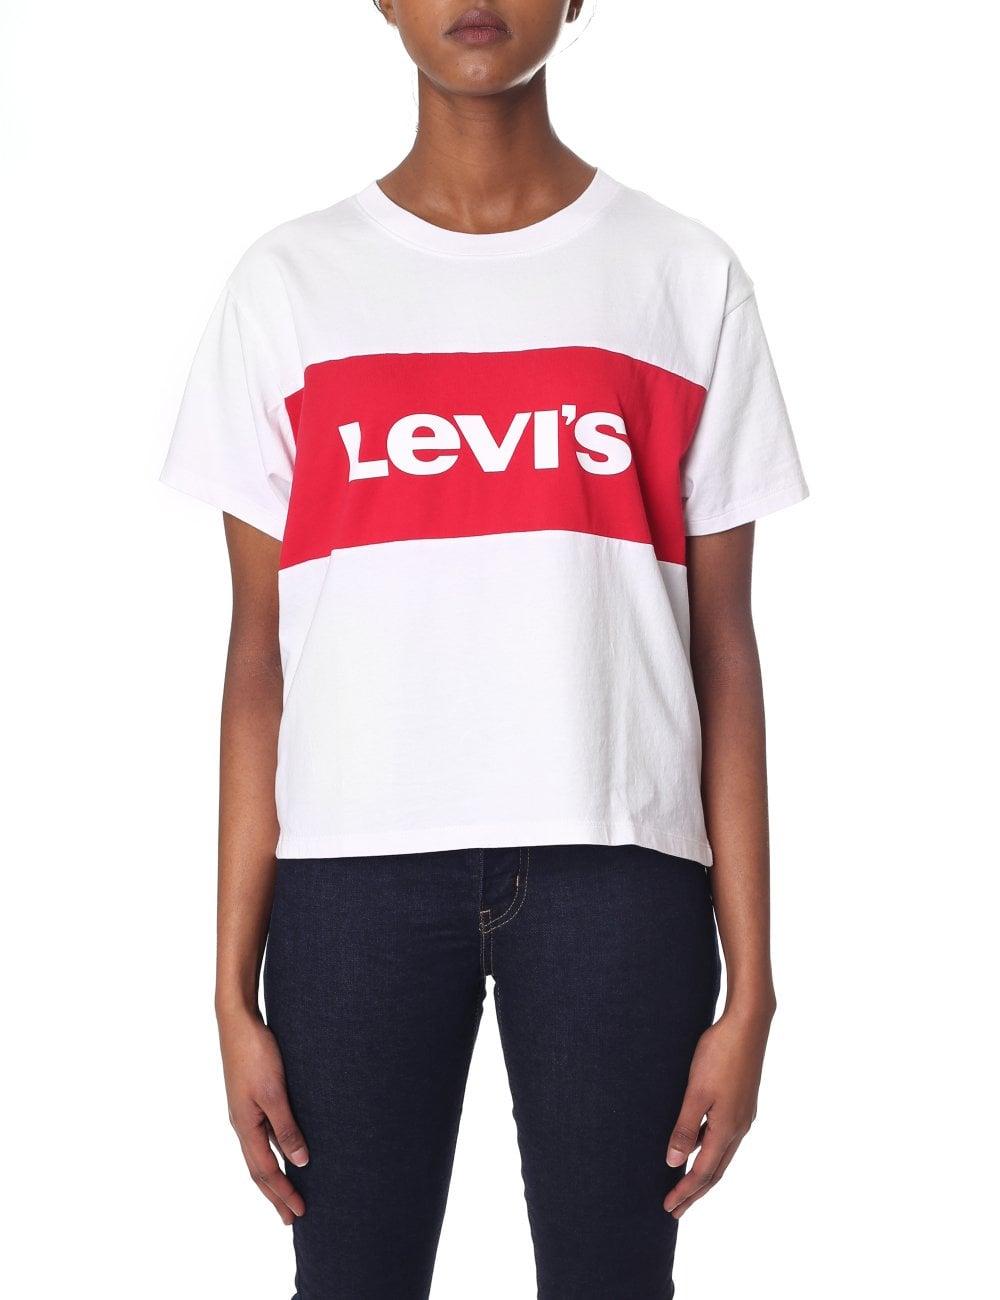 5ef1c853c425 Levi's Women's Graphic CB Varsity Tee